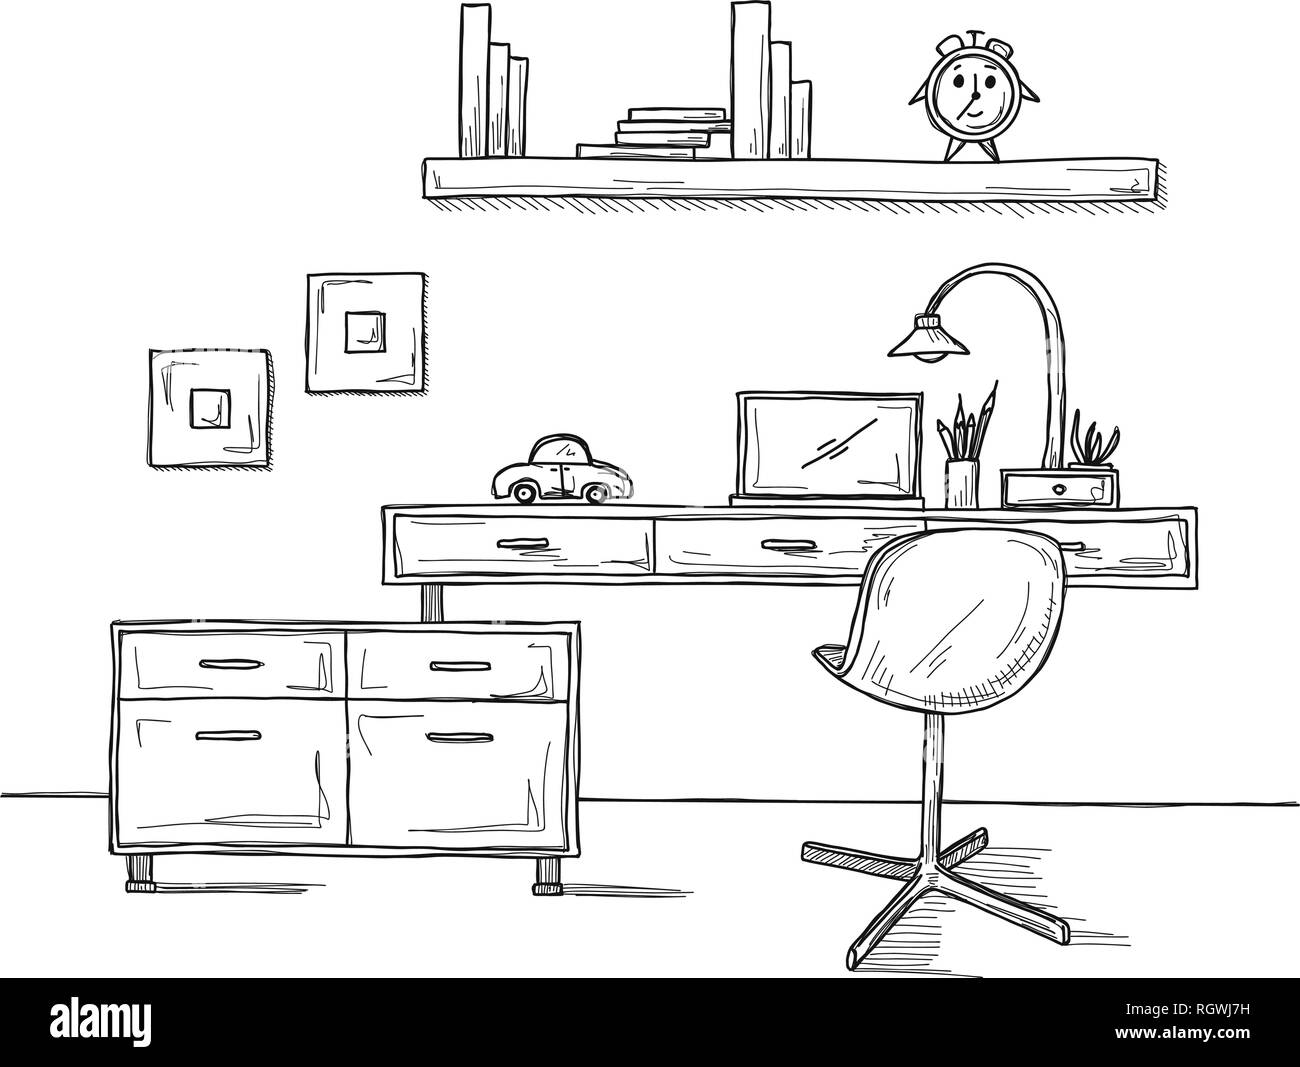 Bürostuhl skizze  Die Zimmer Skizze. Bürostuhl, Schreibtisch, verschiedene Objekte auf ...